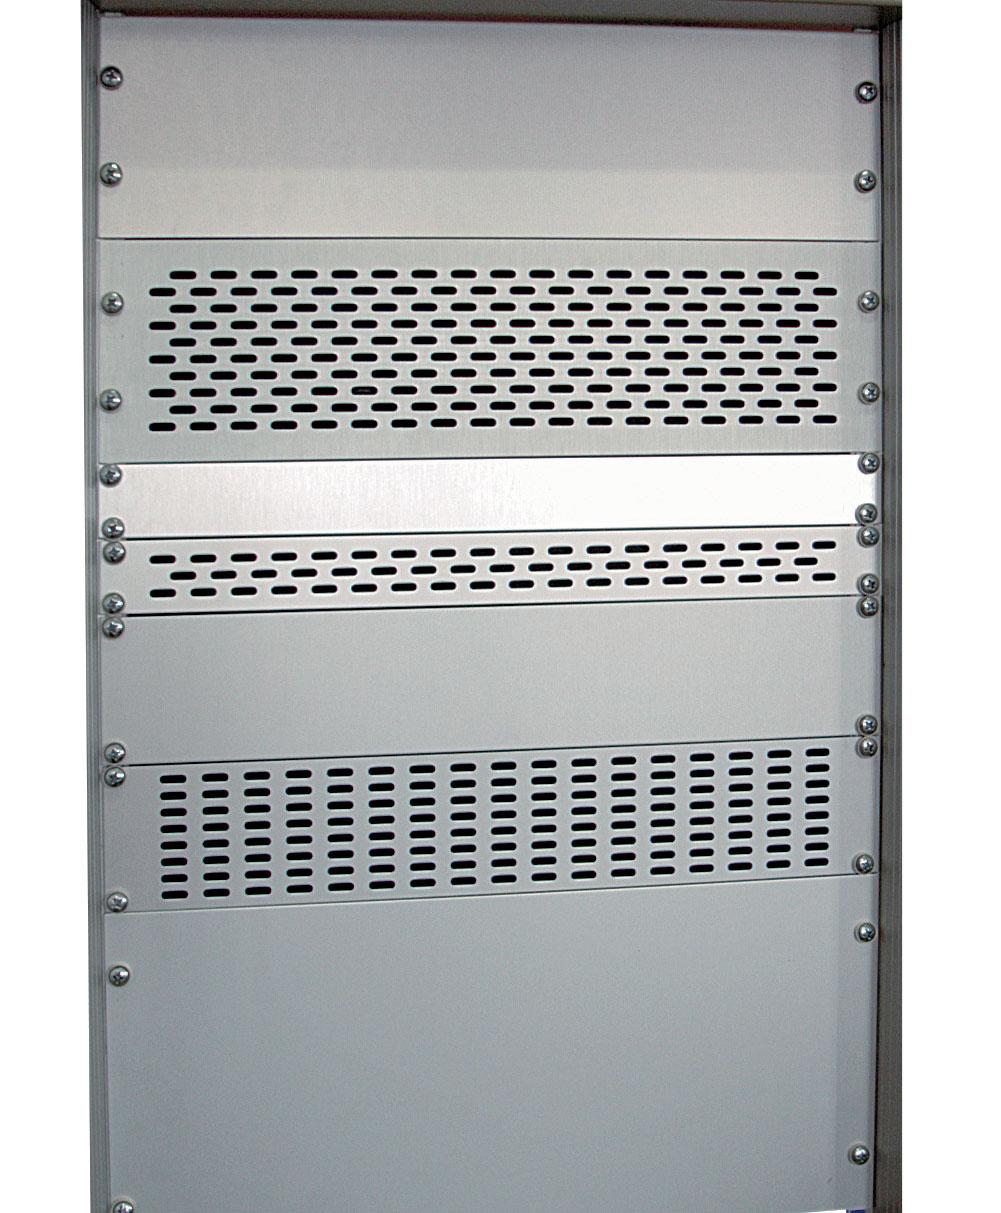 piastre rack 19 pollici in alluminio anodizzato, cieche o areate